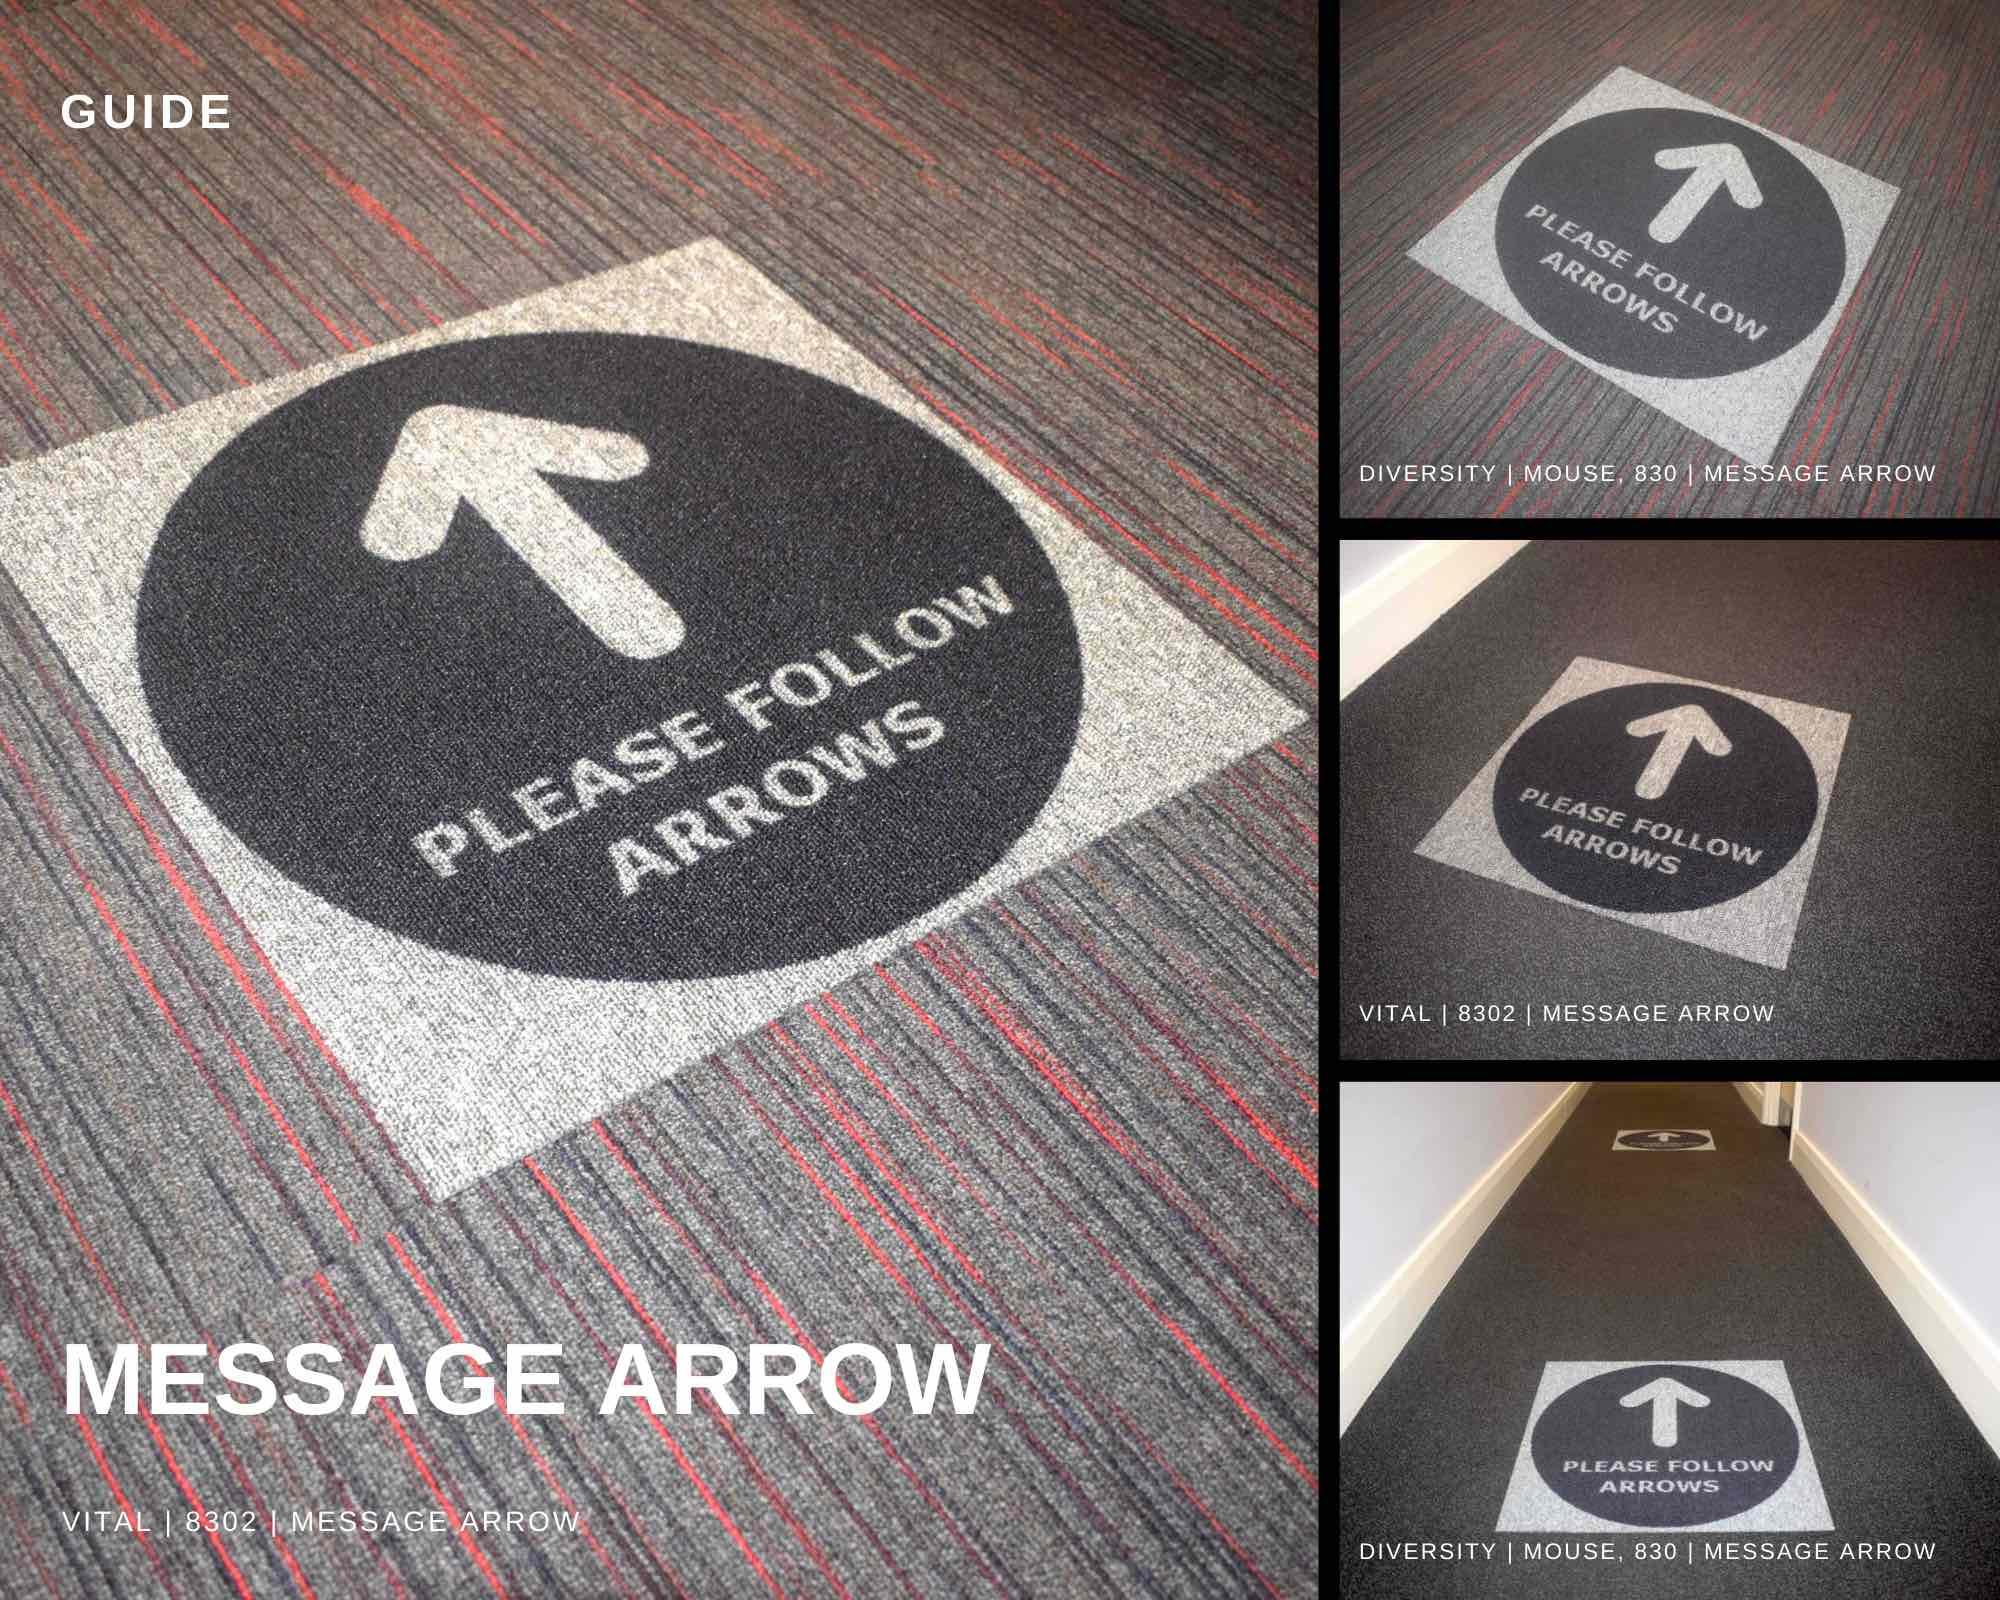 Paragon Carpet Tiles   Social Distancing Carpet Tiles   Guide   Product Collage Image   Message Arrow